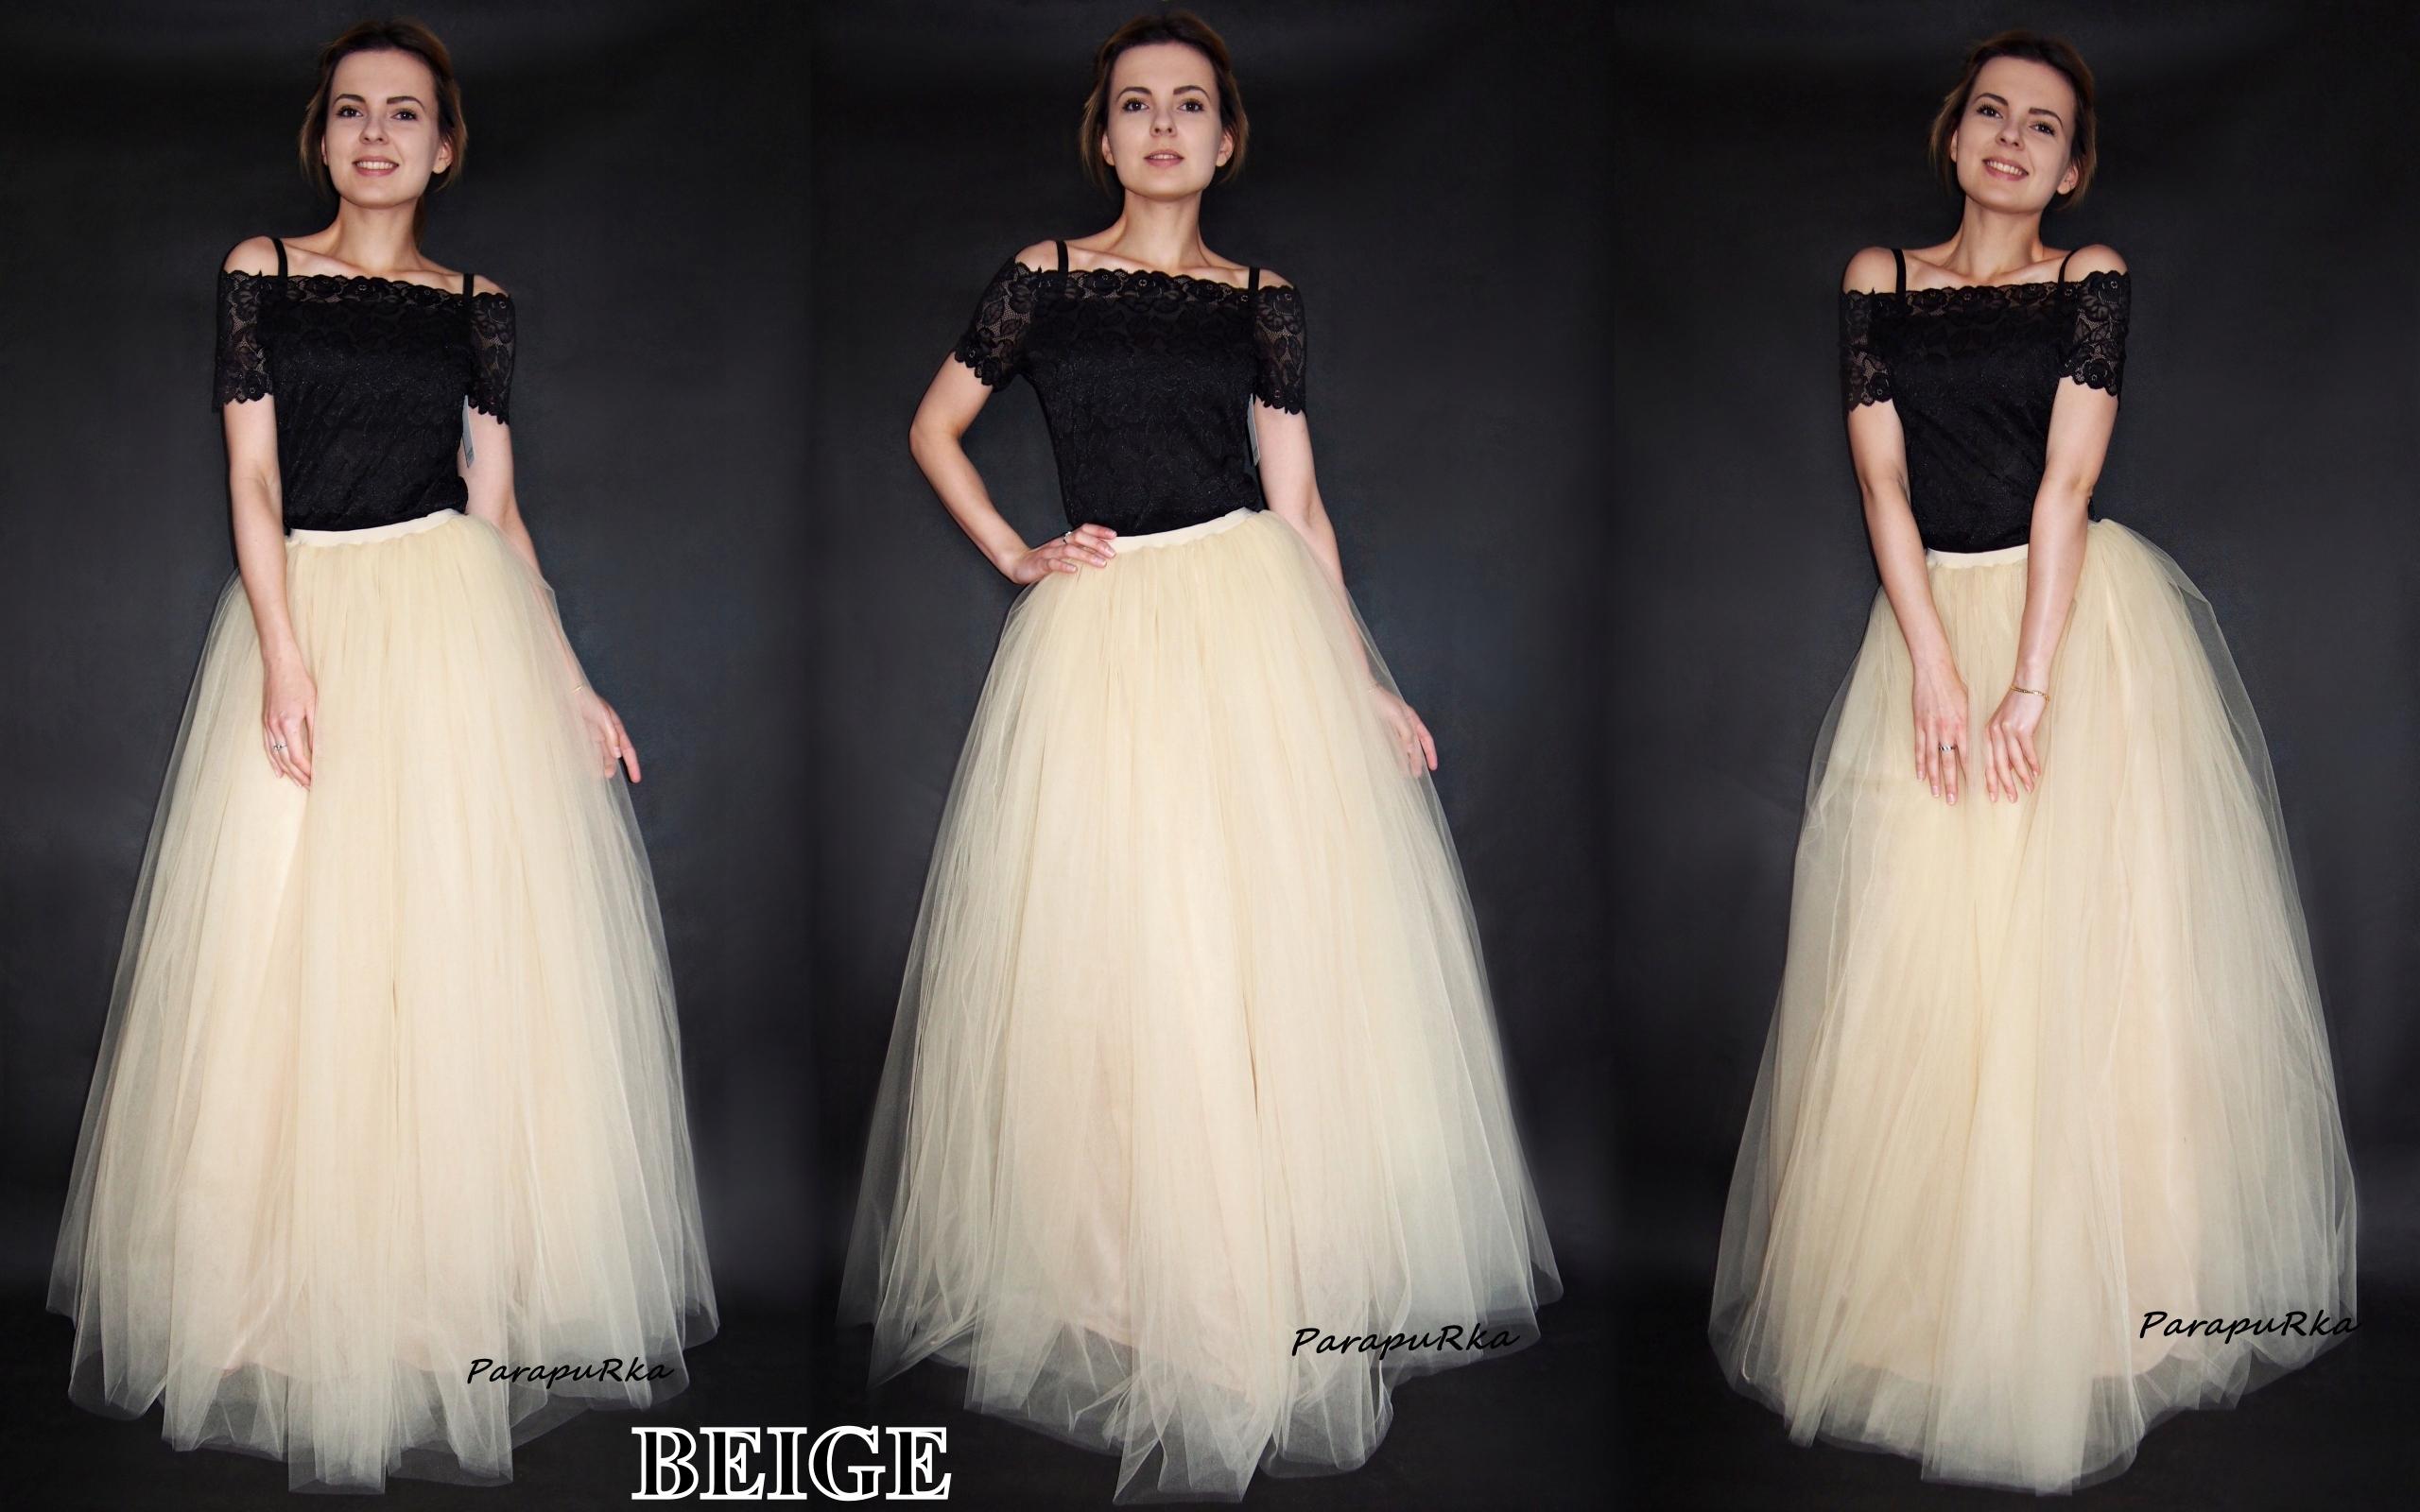 d669672df1 tiulowe sukienki na wesele Warszawa w Oficjalnym Archiwum Allegro -  archiwum ofert